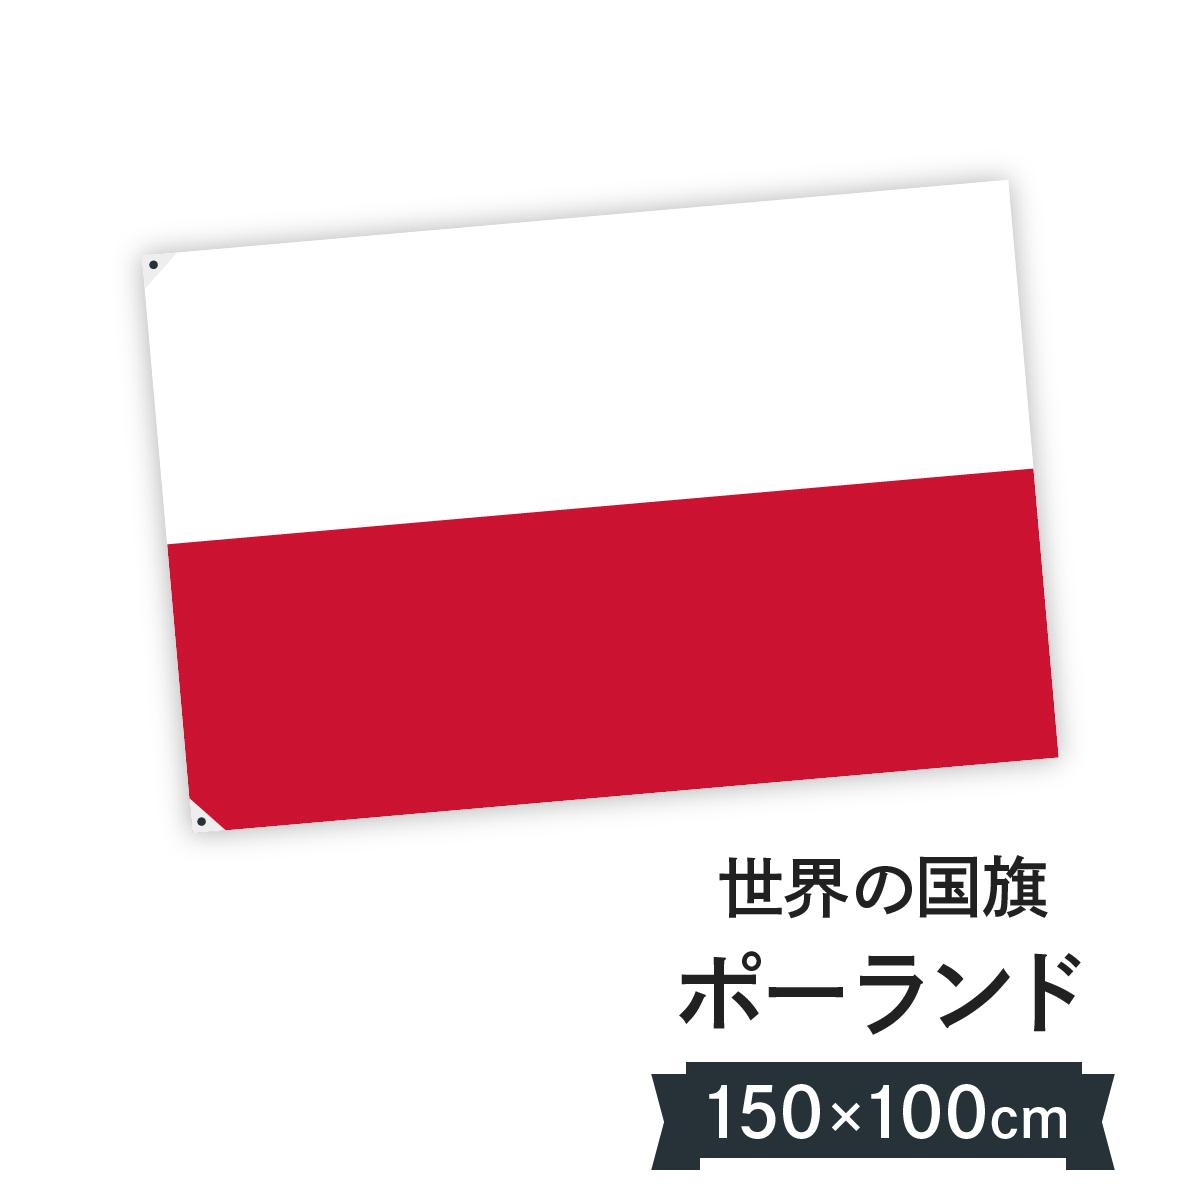 ポーランド共和国 国旗 W150cm H100cm